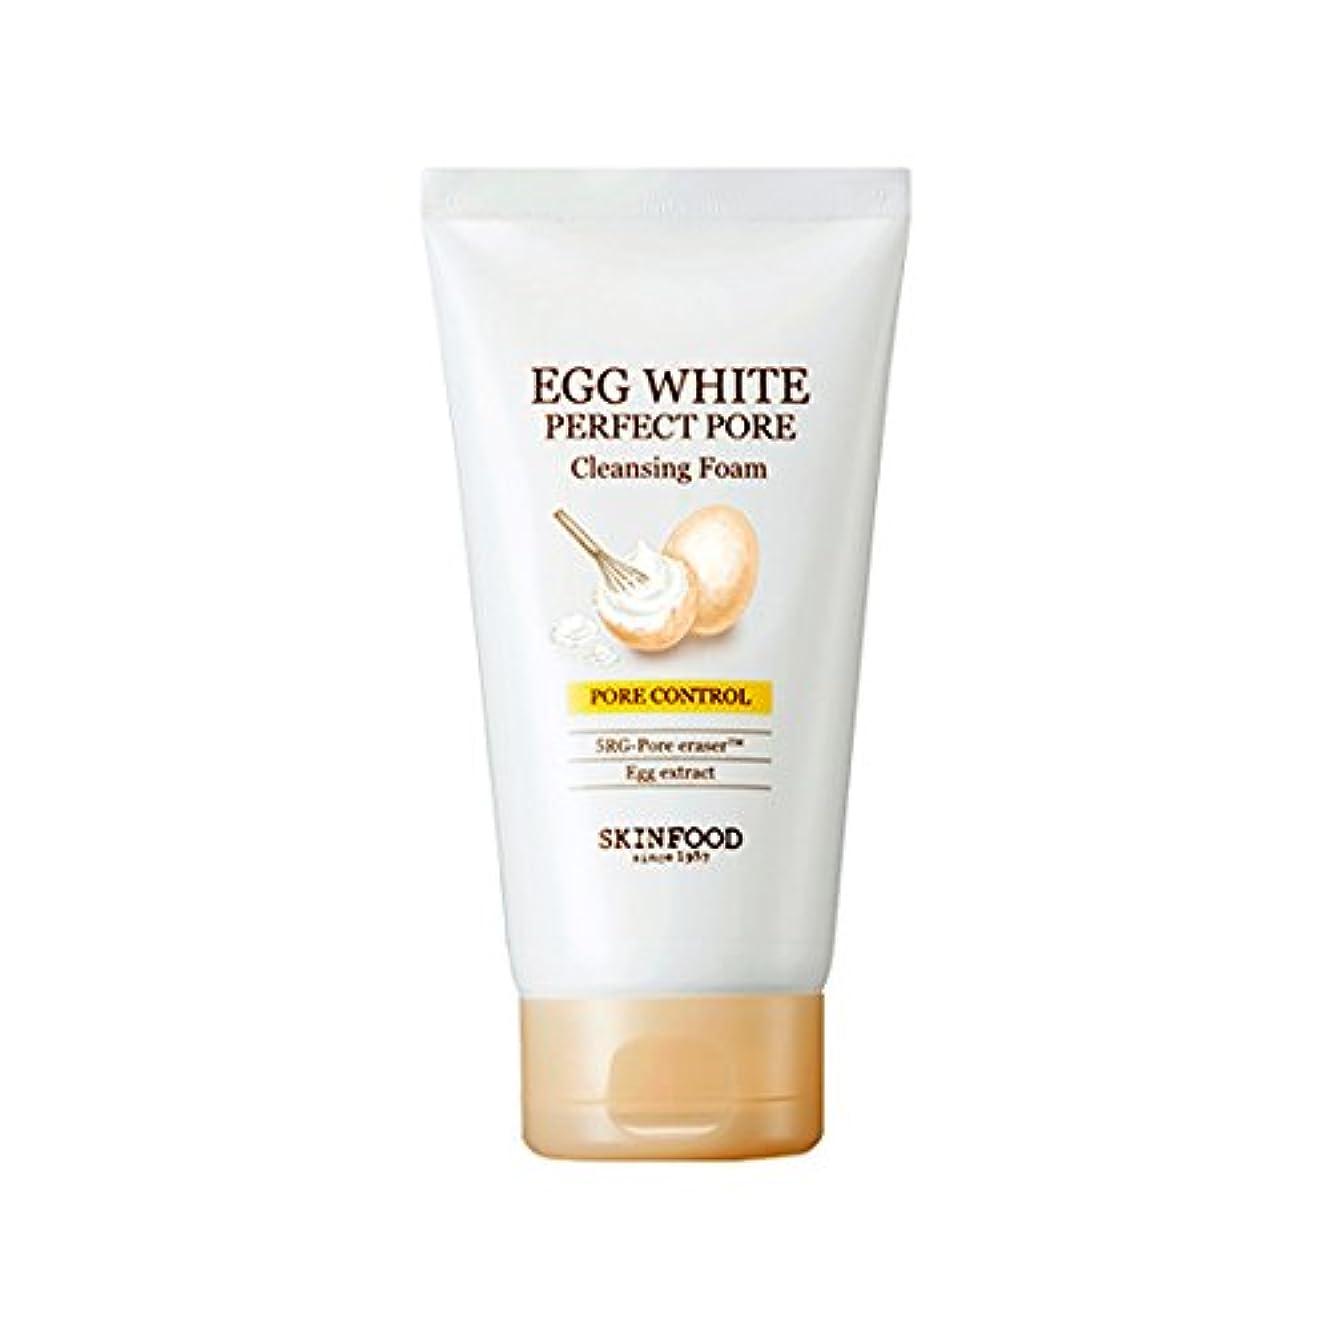 宣教師蚊契約した[2017 New] SKINFOOD Egg White Perfect Pore Cleansing Foam 150ml/スキンフード エッグ ホワイト パーフェクト ポア クレンジング フォーム 150ml [並行輸入品]